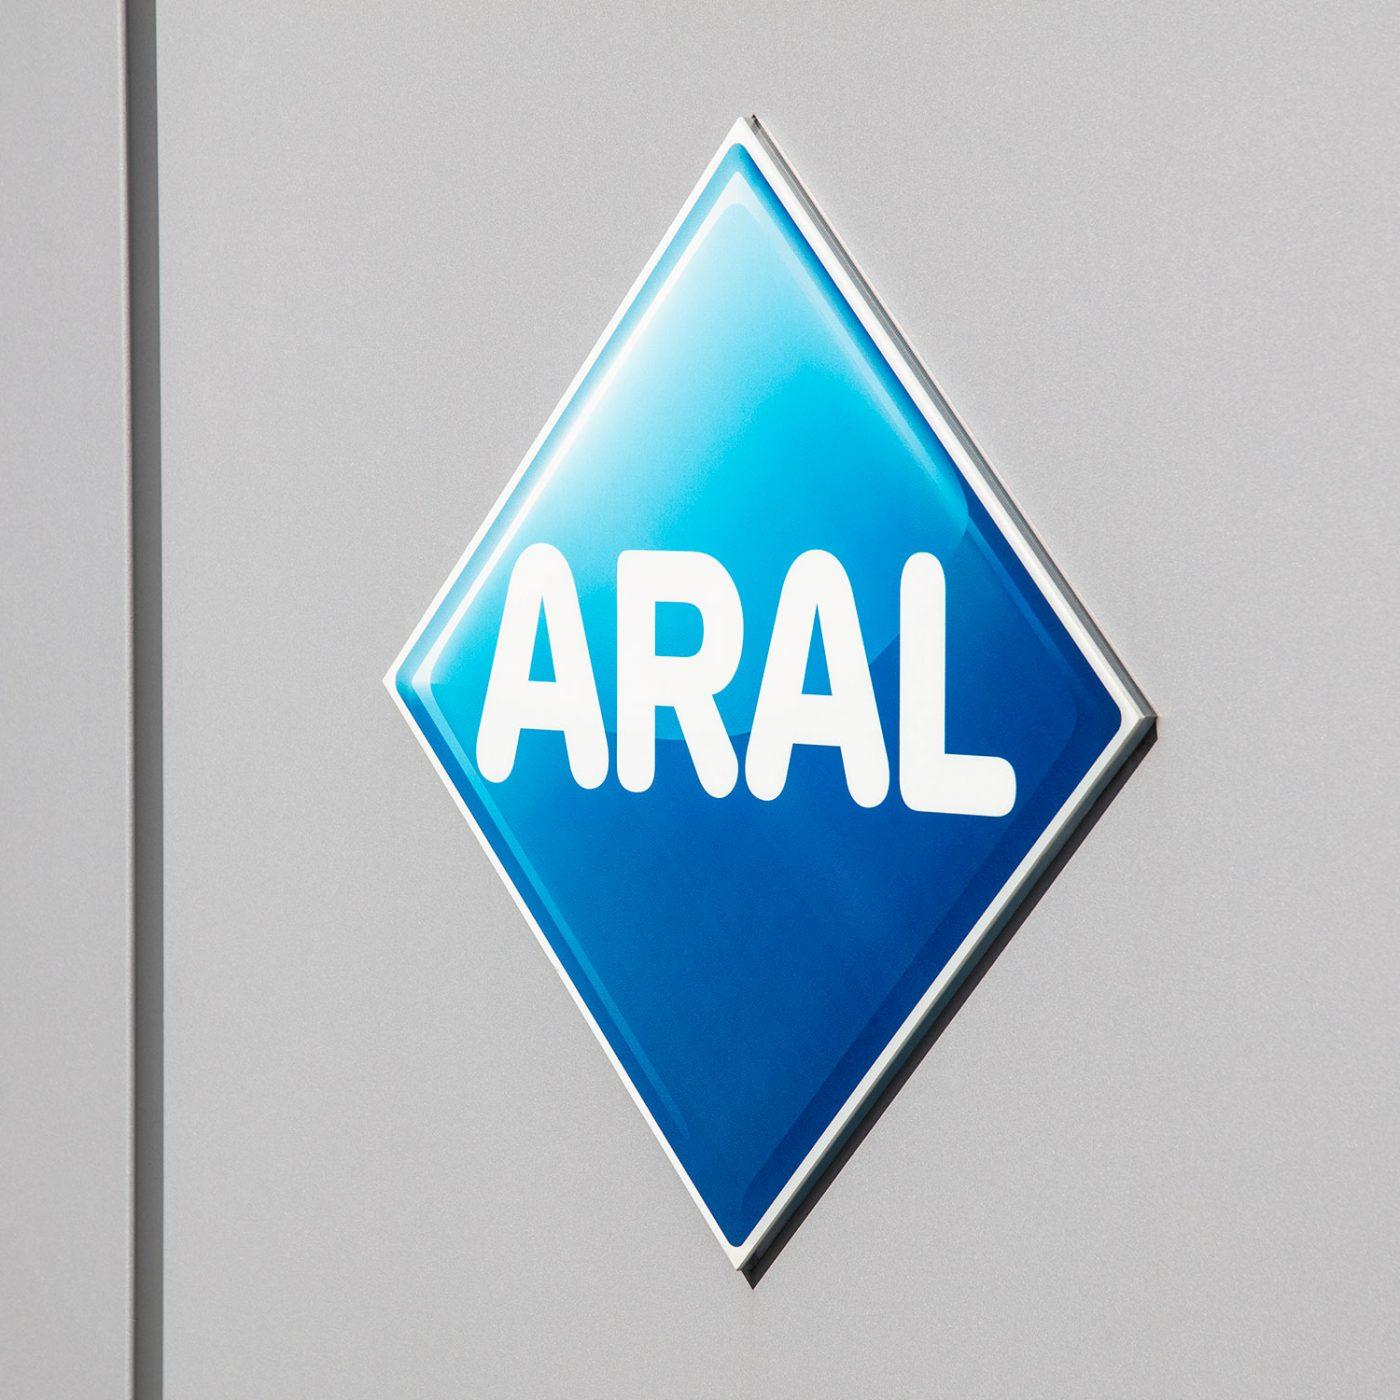 Aral_BP_Haus